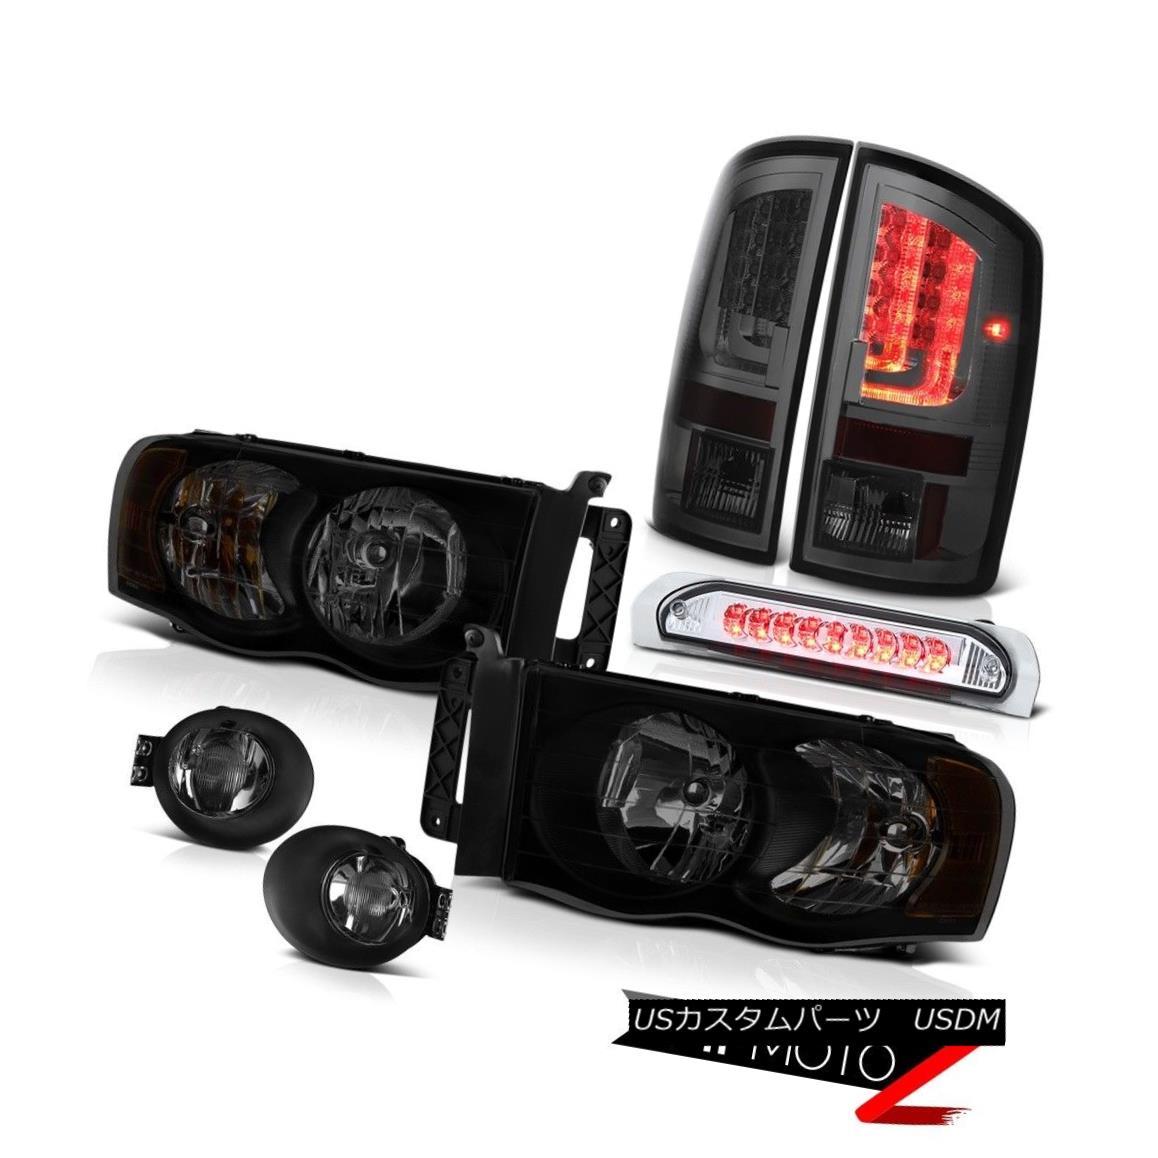 テールライト 02-05 Dodge Ram 2500 3500 SLT Tail Lamps Foglights Headlights Roof Brake Lamp 02-05 Dodge Ram 2500 3500 SLTテールランプフォグライトヘッドライトルーフブレーキランプ